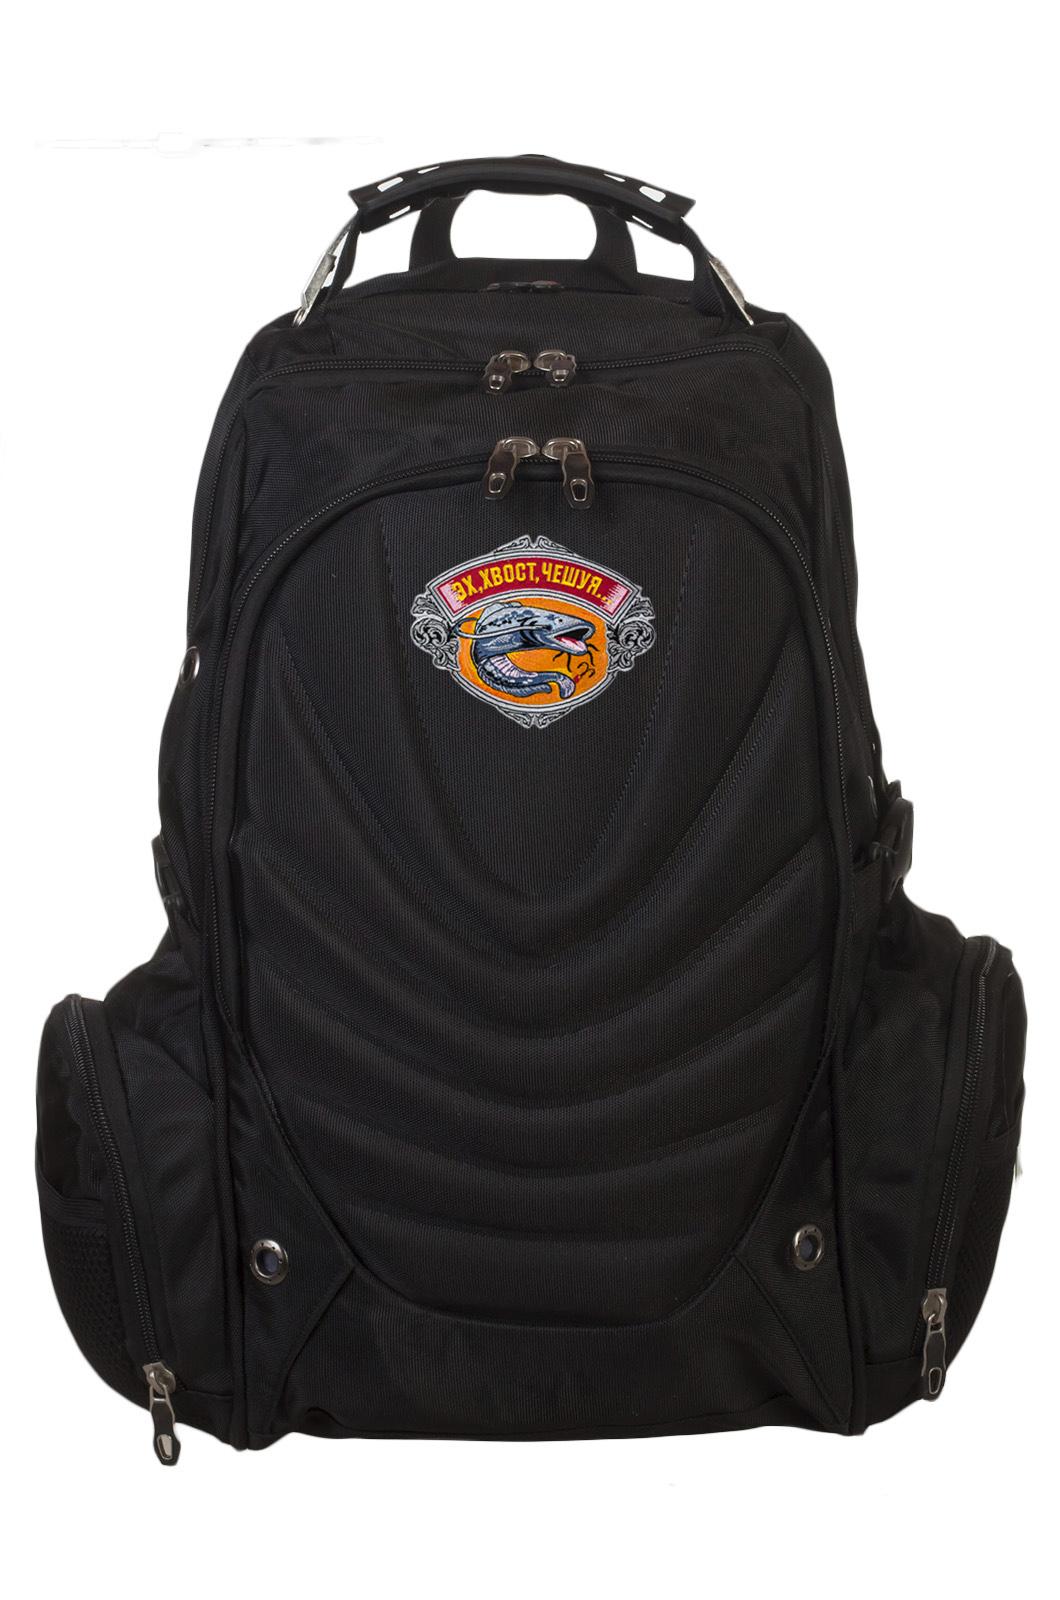 Практичный черный рюкзак  с рыбацкой фразой